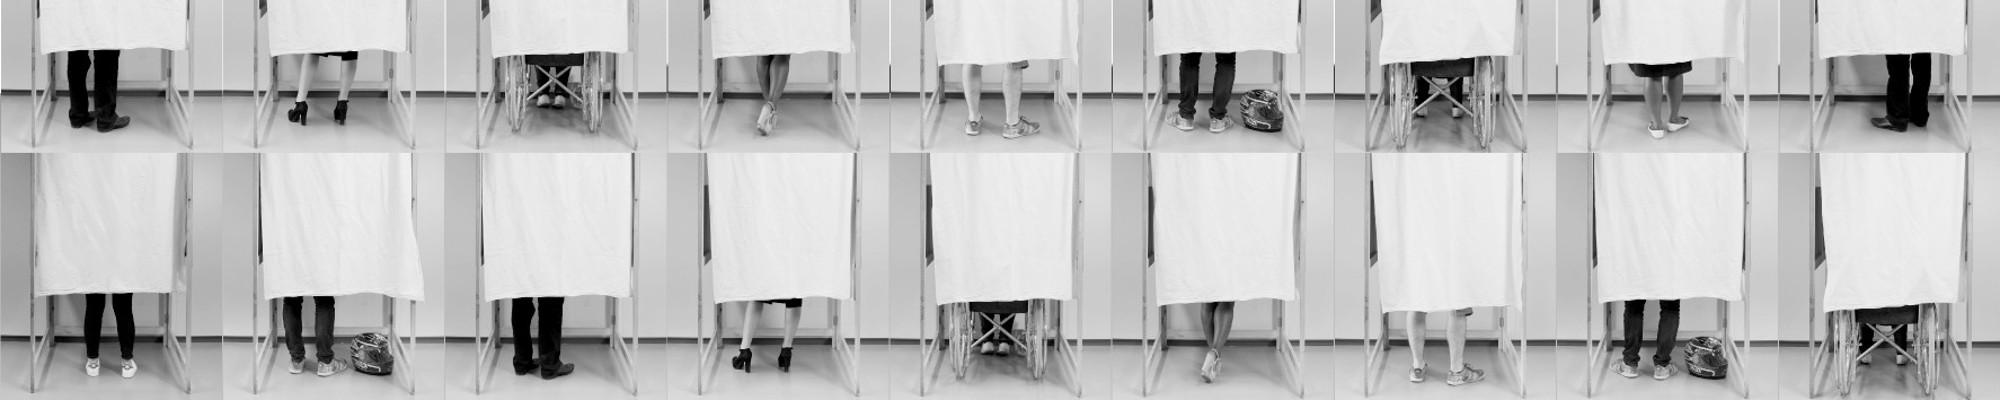 Utilisation des logiciels électoraux (MARTINE)